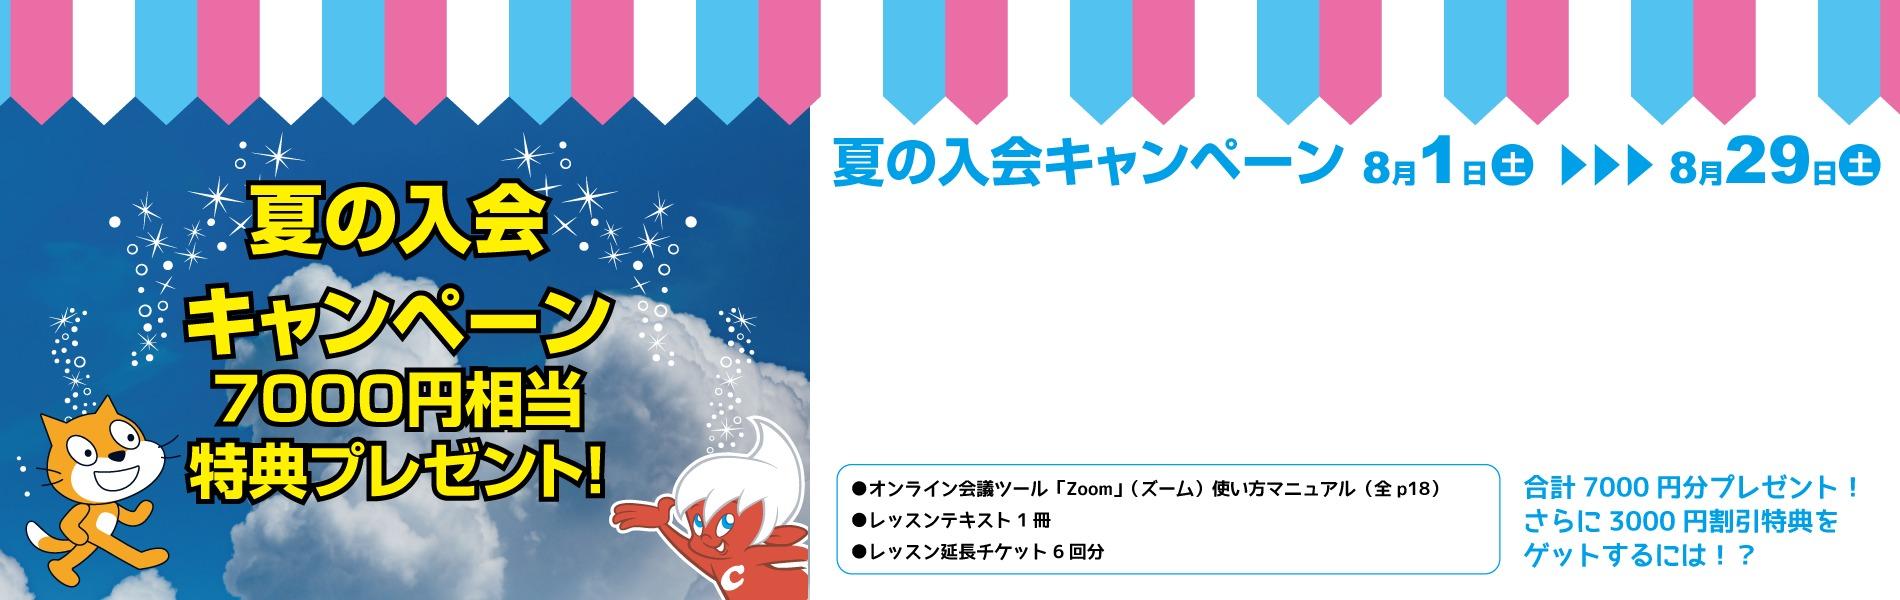 さらに3000円割引特典はこちら!